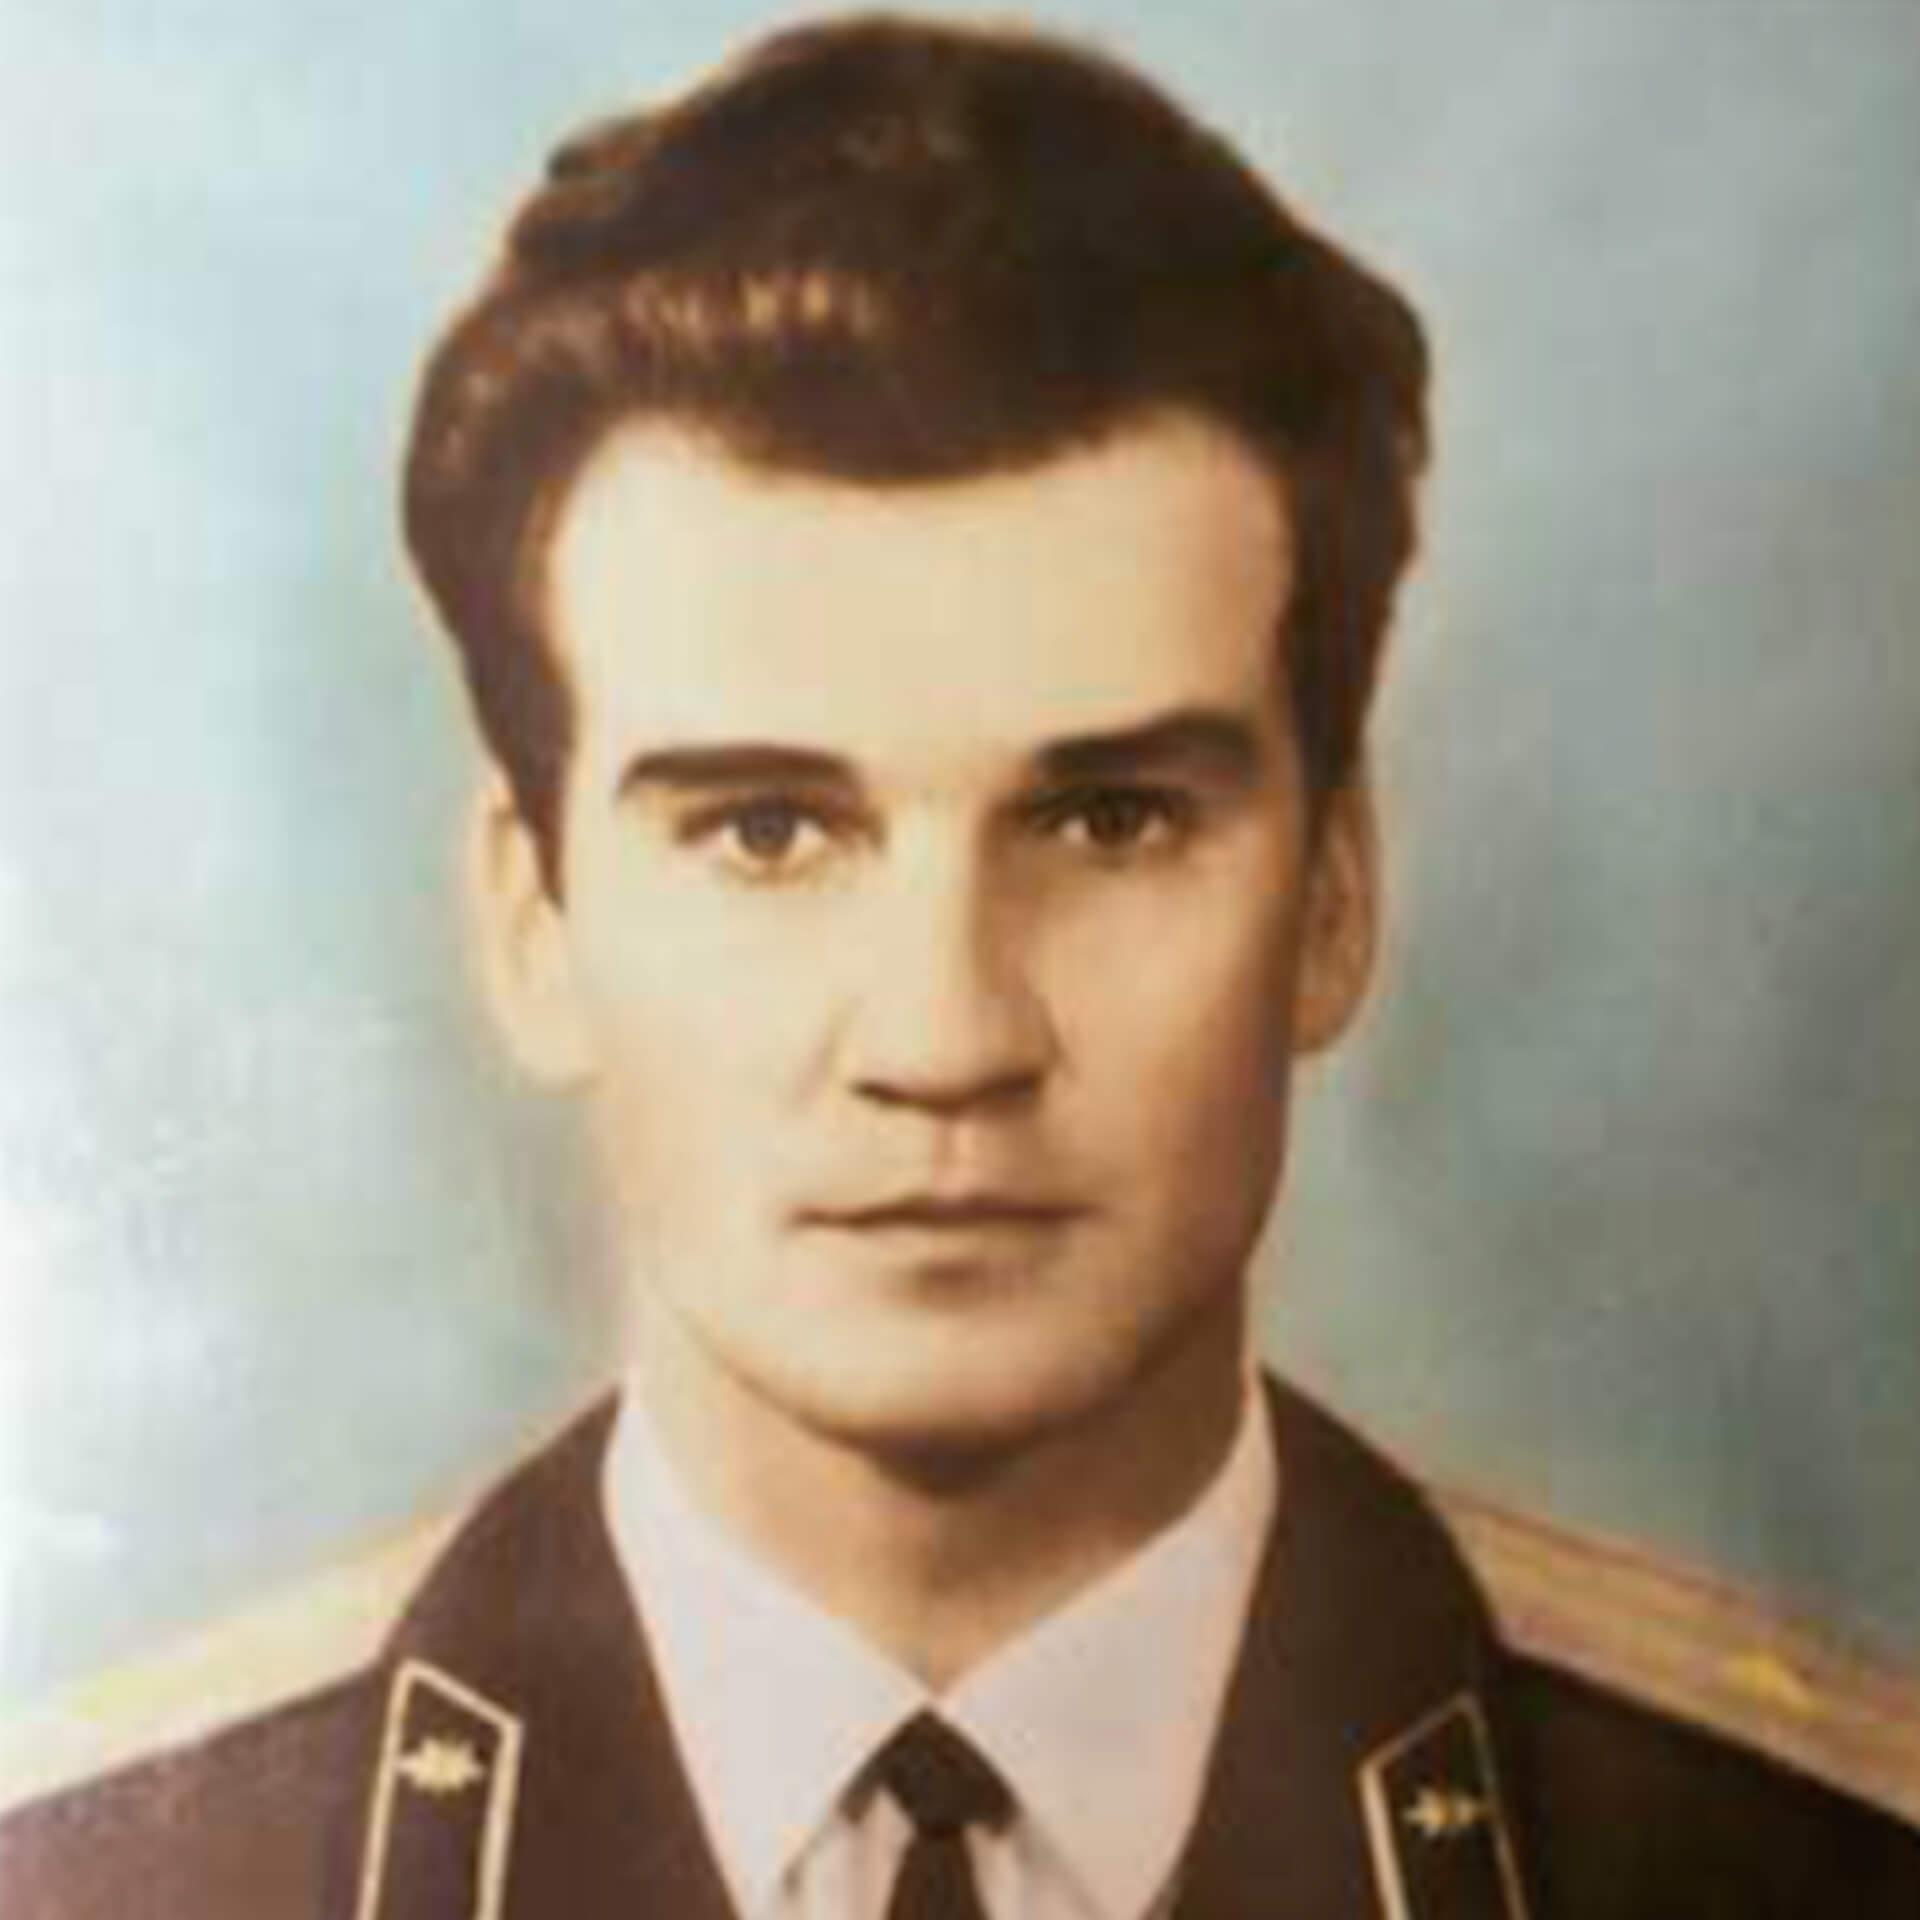 Plantilla de stanislav petrov / no